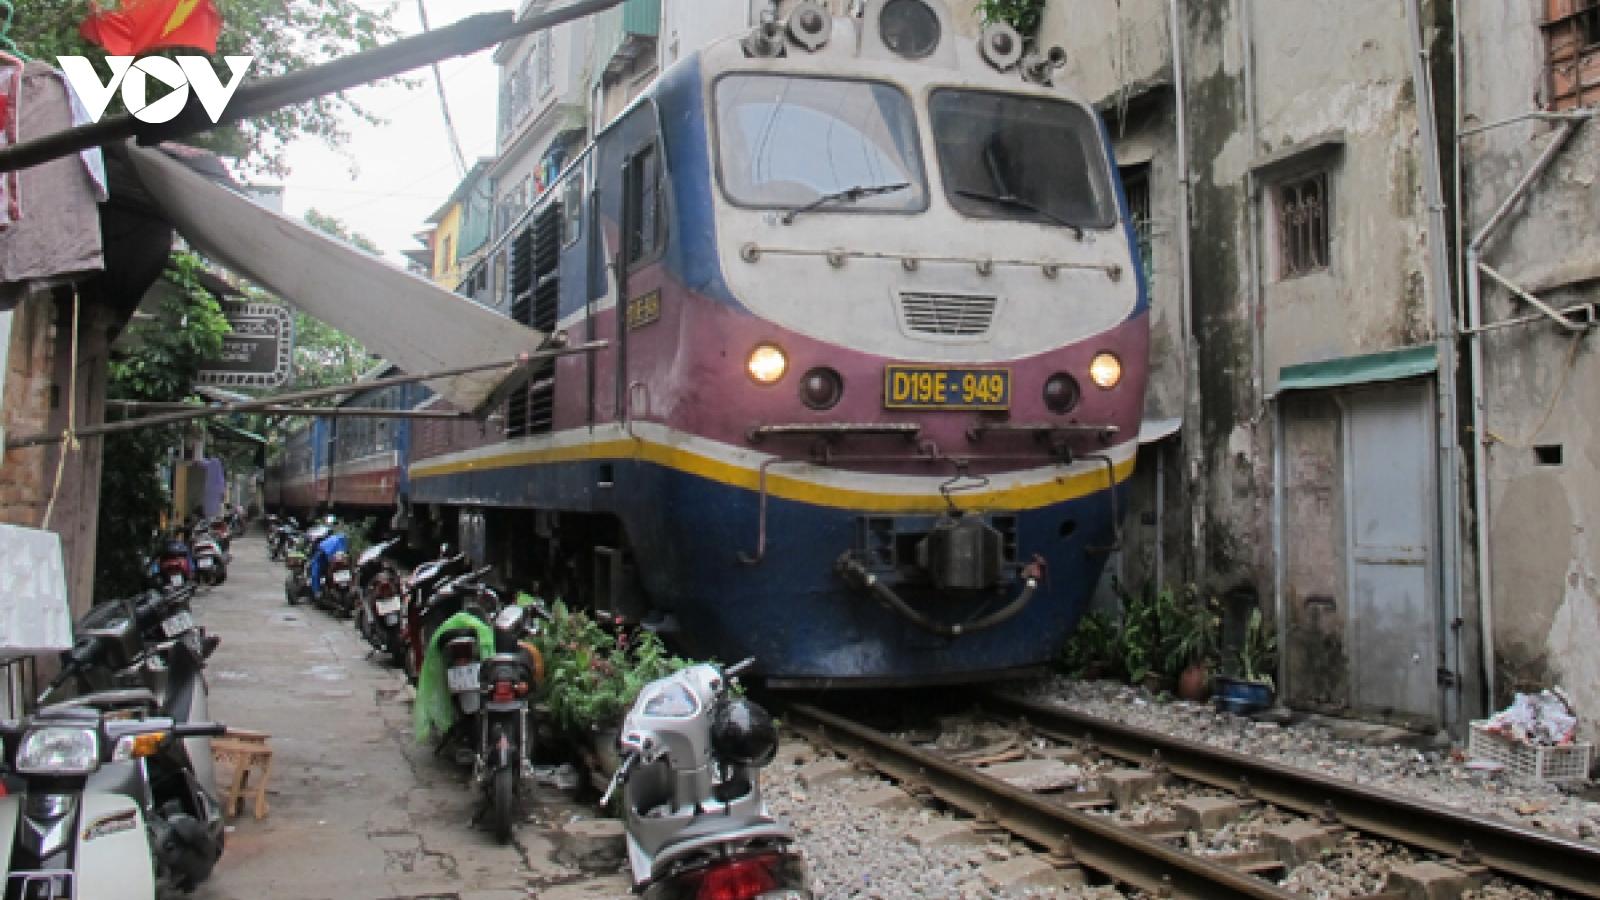 Đường sắt tụt hậu quá lâu và cần cuộc cách mạng để thay đổi